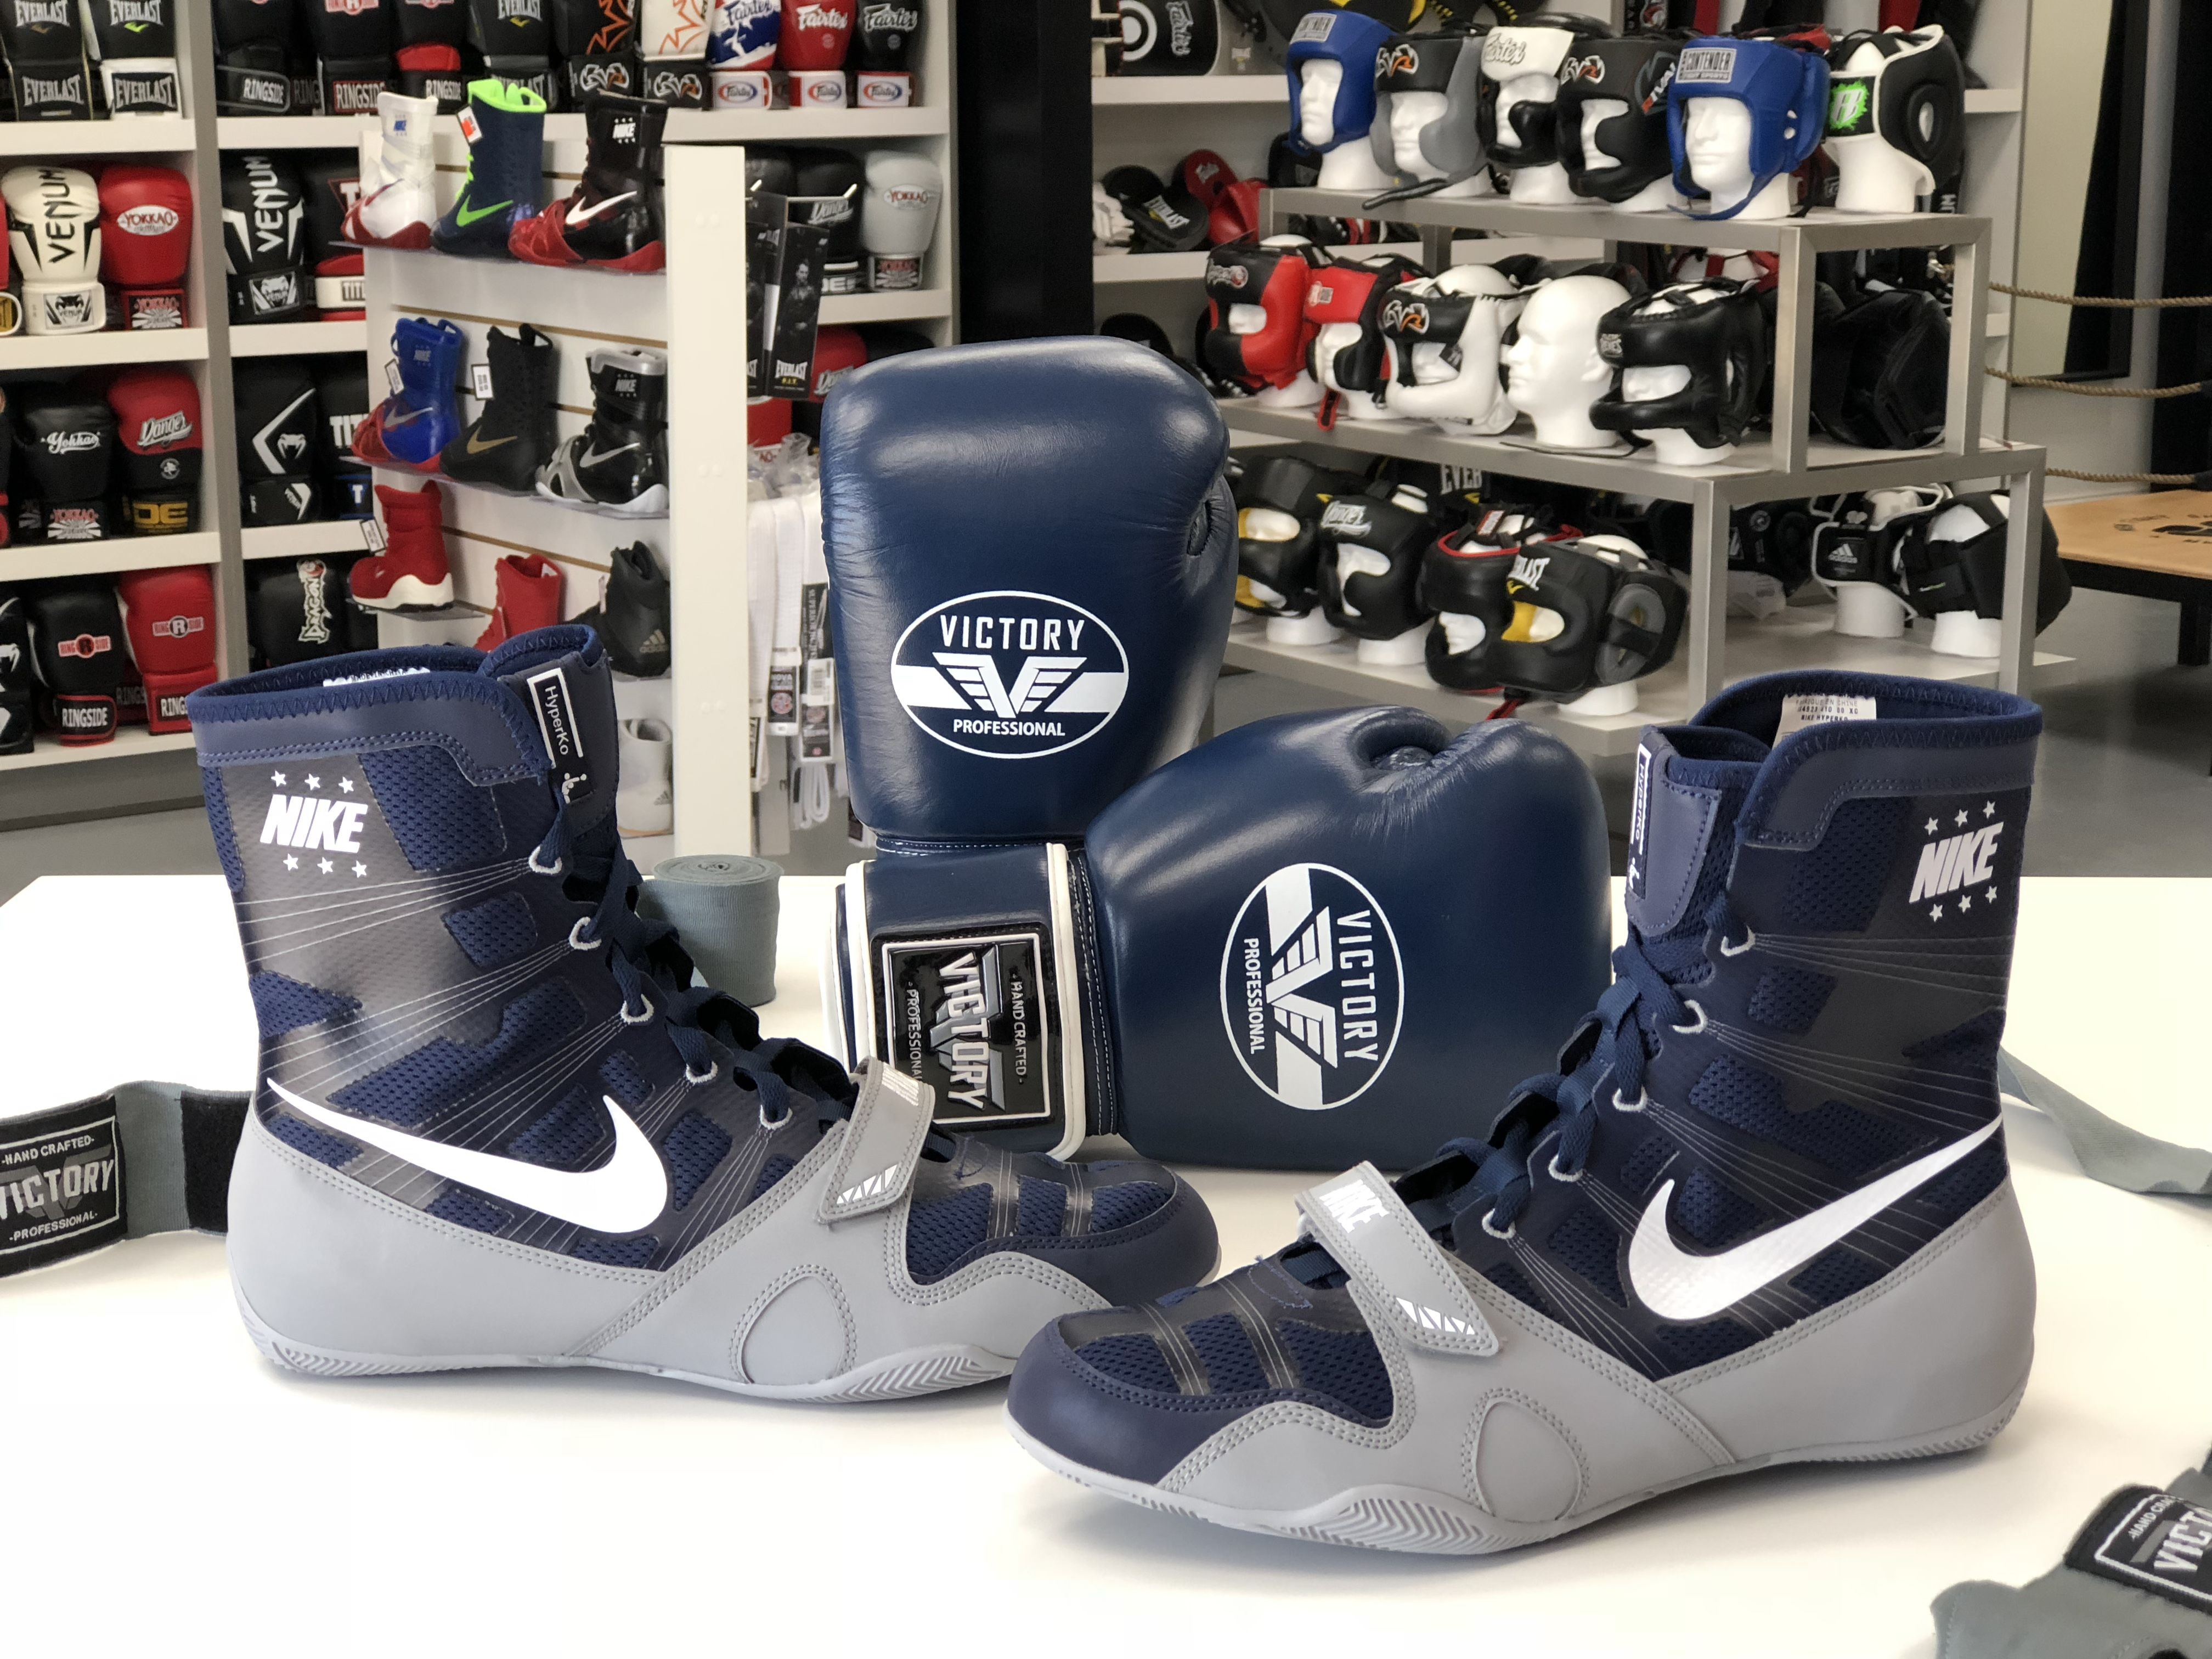 pretty nice 62385 58ab5 Estos los nuevos colores de Nike Hyperko. Azul marino y gris disponible en  ambas tiendas de MSM Fight Shop Miami y Fort Lauderdale.